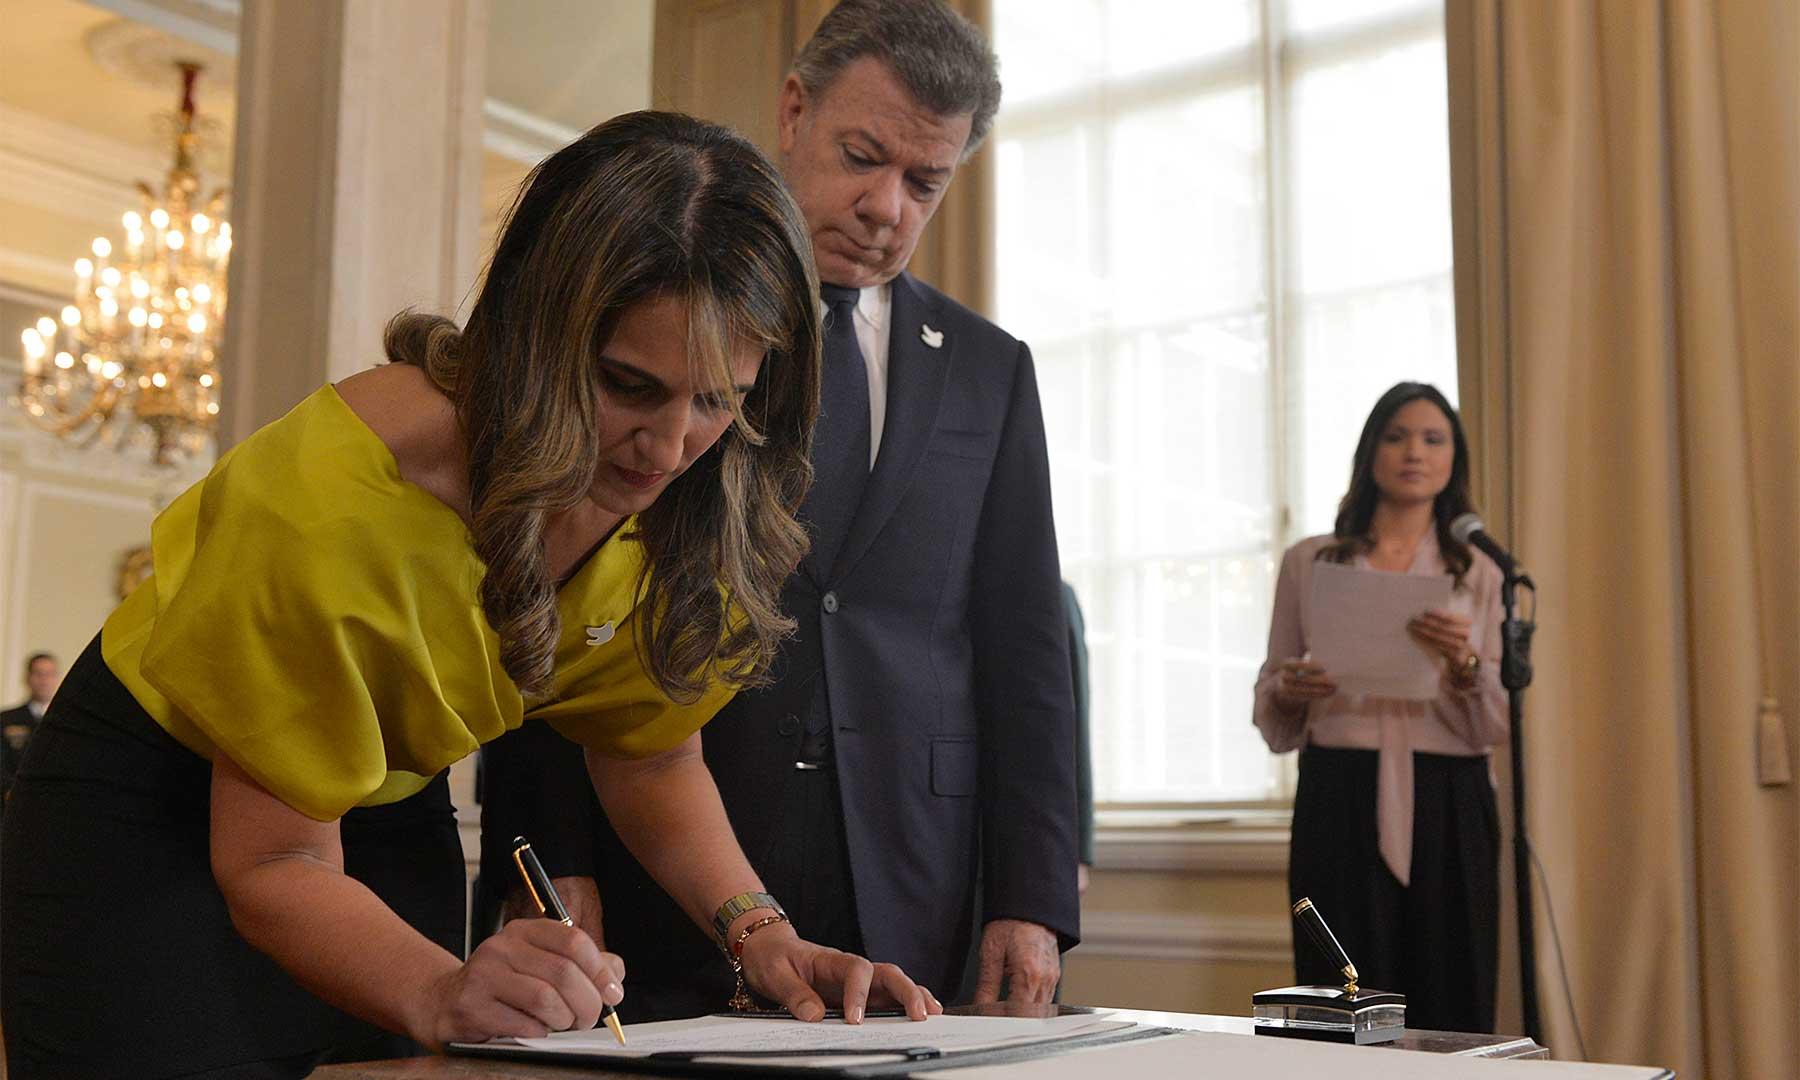 Educar para el posconflicto y la paz será la prioridad de la Ministra de Educación, Yaneth Giha Tovar, quien este miércoles se posesionó ante el Presidente de la República, Juan Manuel Santos Calderón.